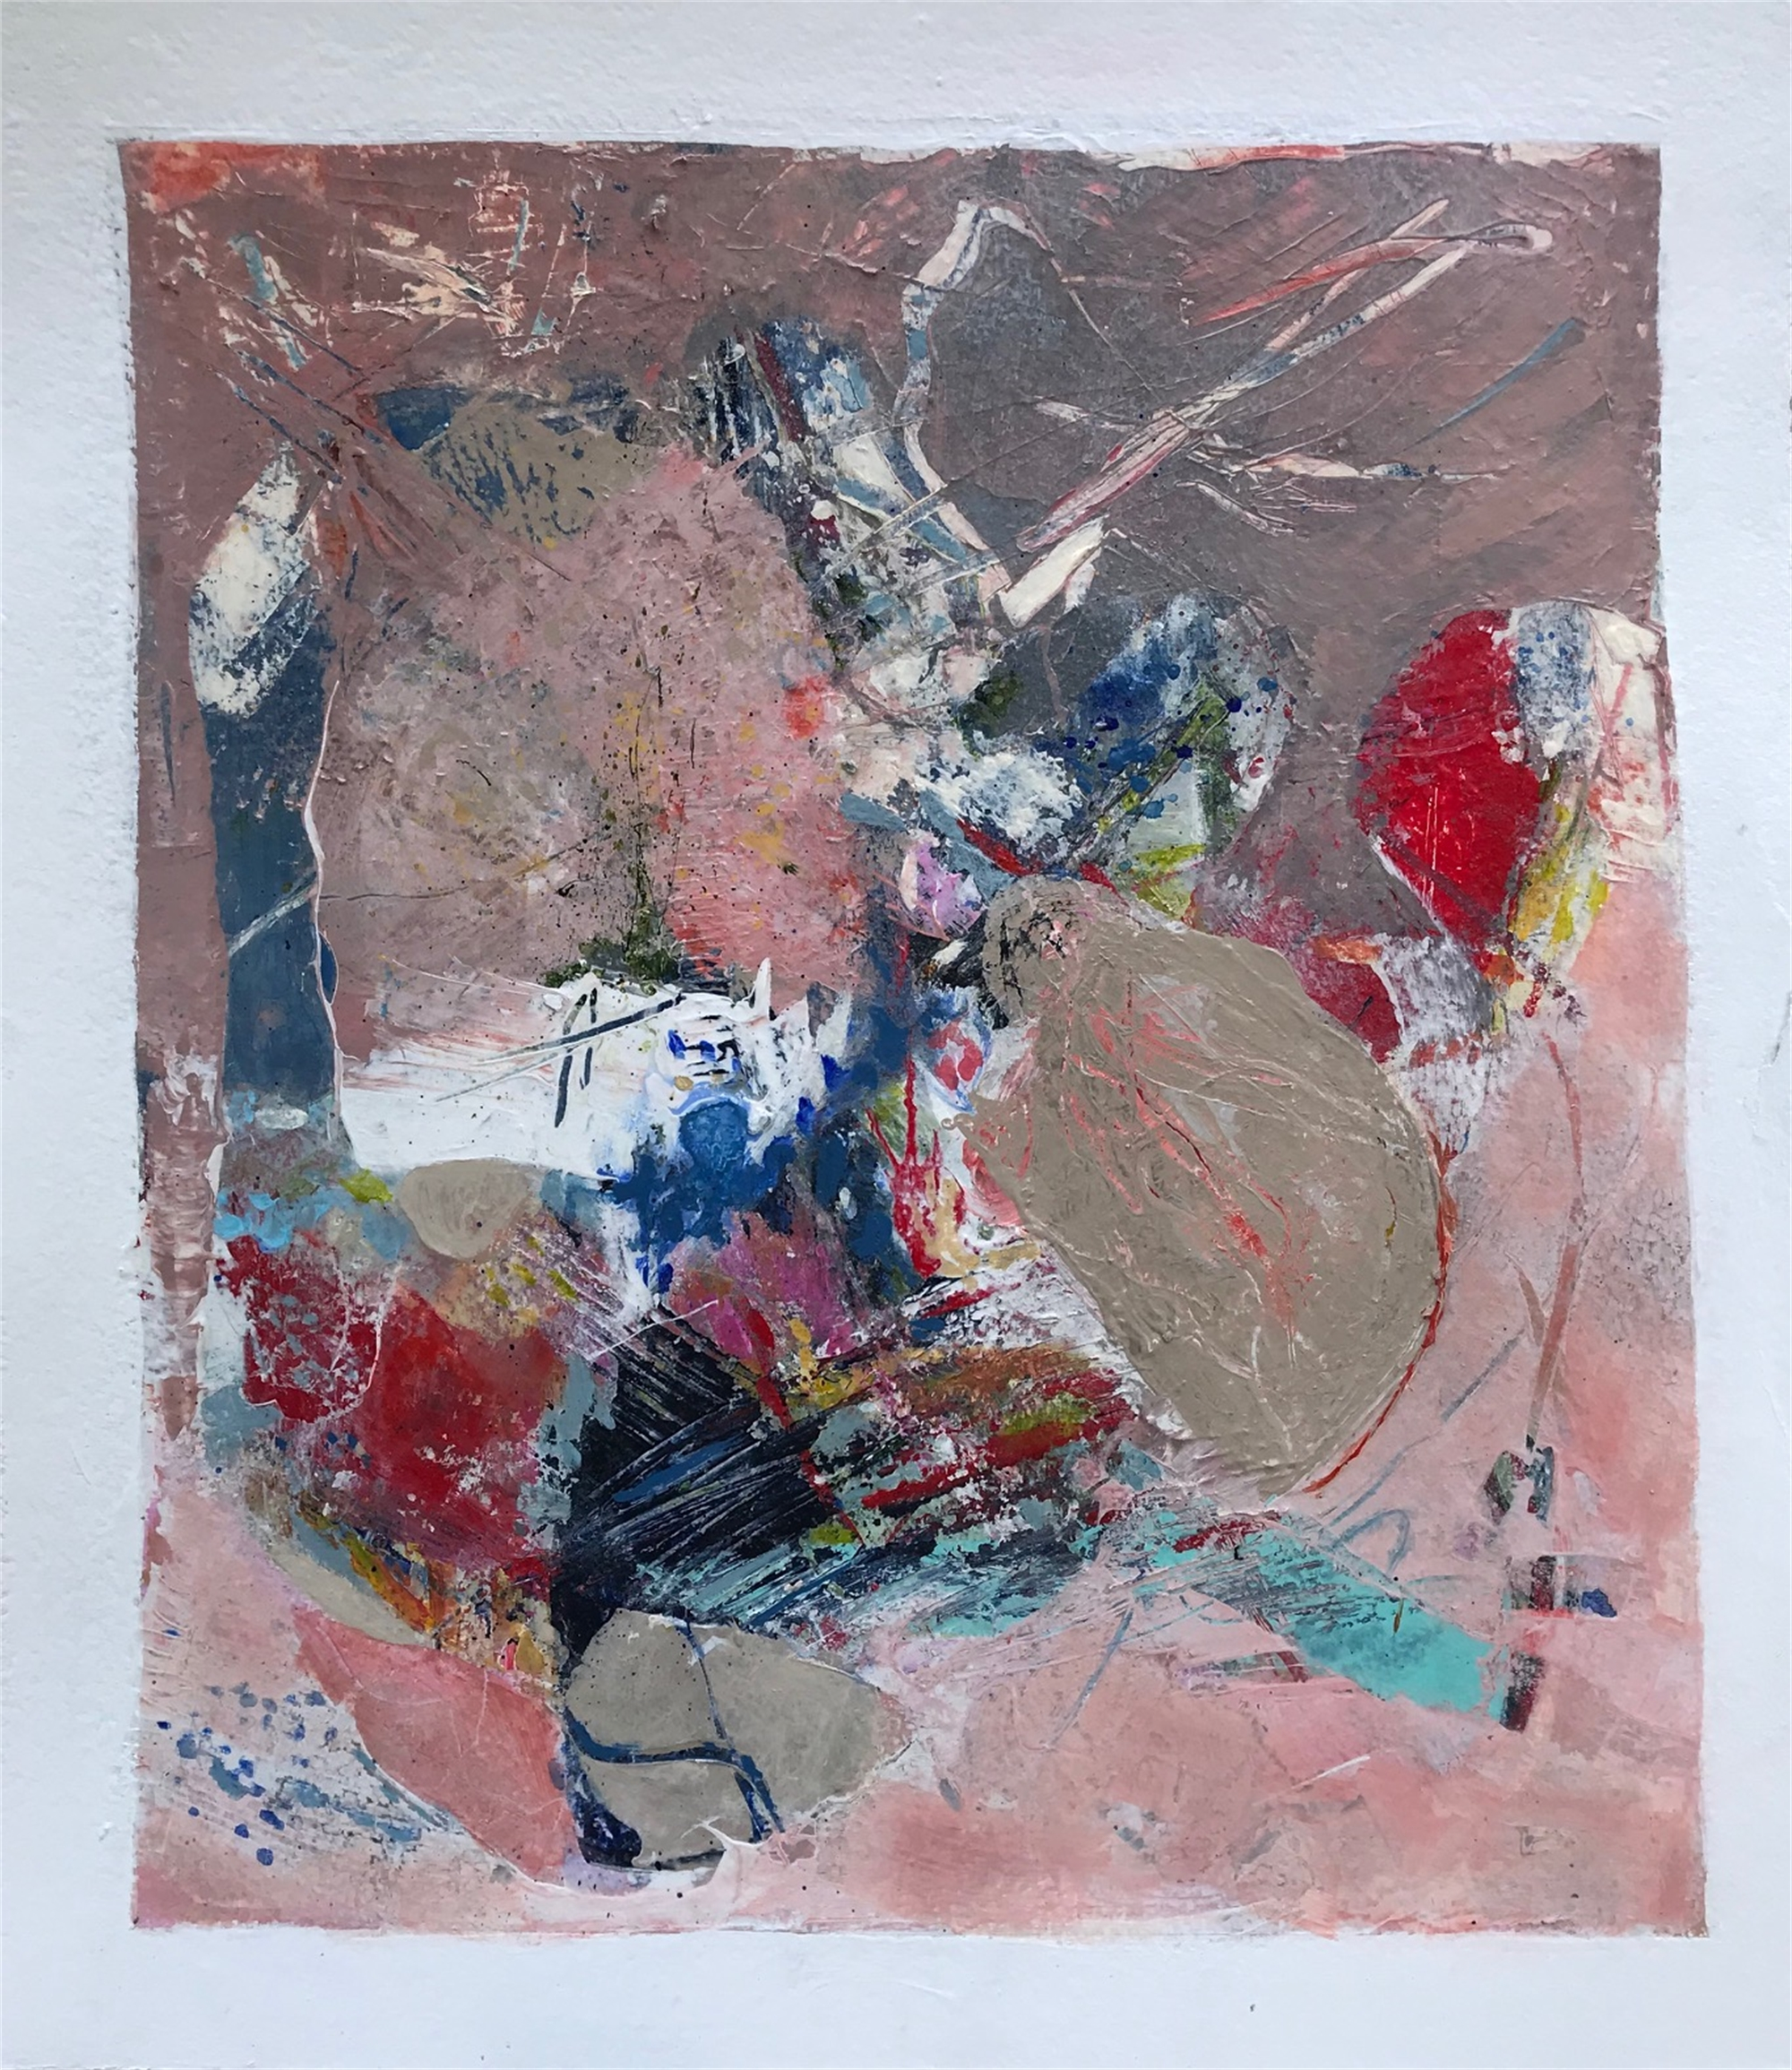 LNP 9 by Leslie Newman